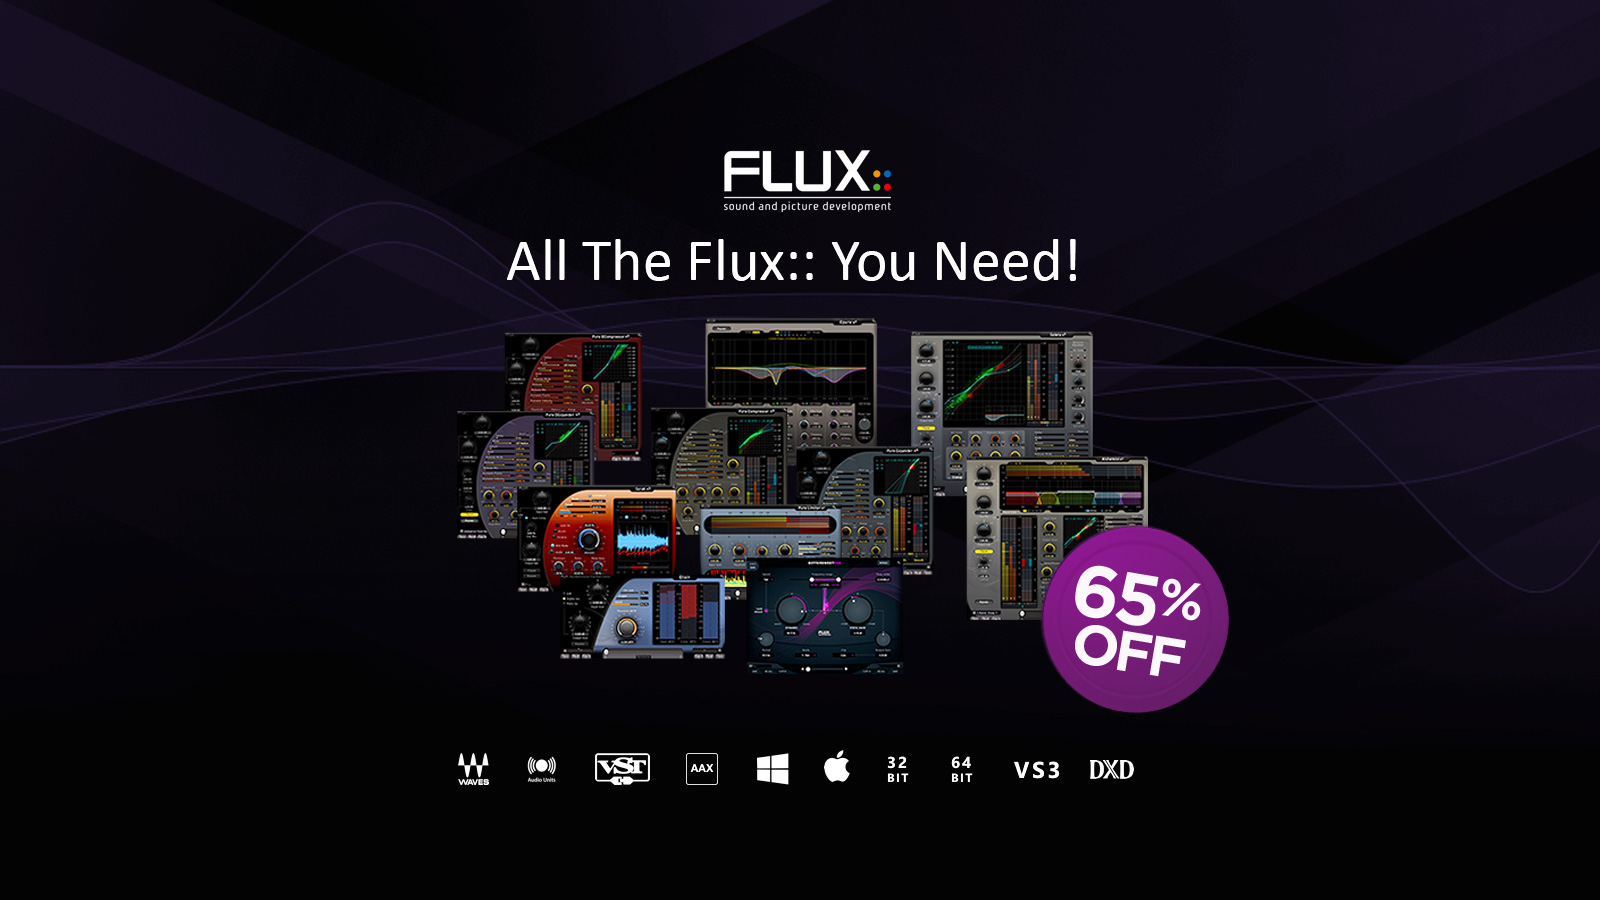 Flux:: Seriesプラグインをすべて収録、Full Pack 2.2が65%OFF!